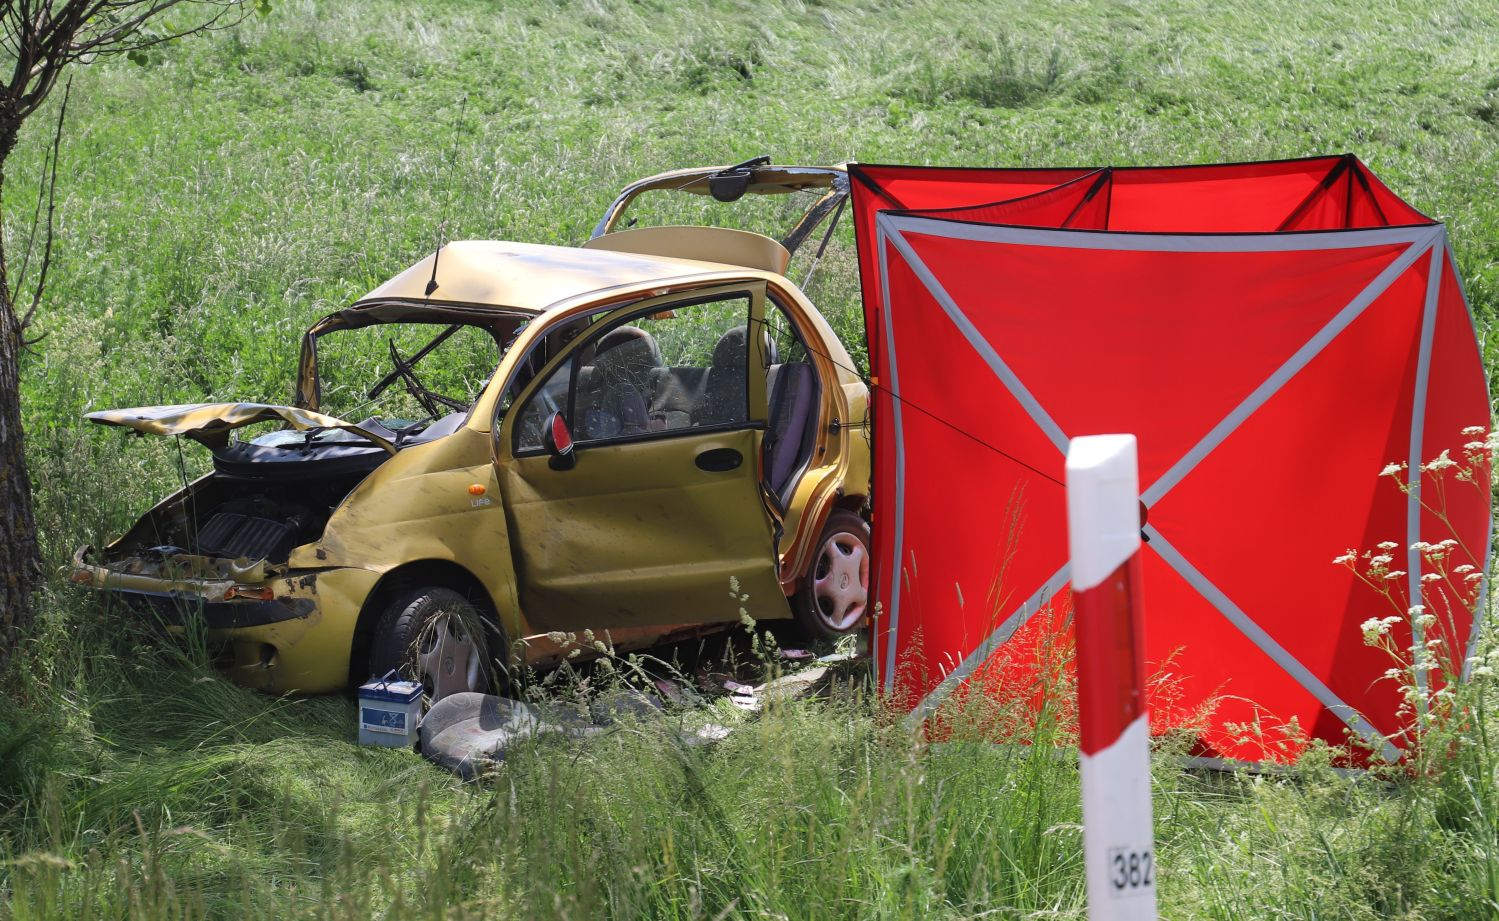 Tragiczny wypadek między Kutnem a Łowiczem. Okoliczności bada prokuratura i policja [ZDJĘCIA] - Zdjęcie główne